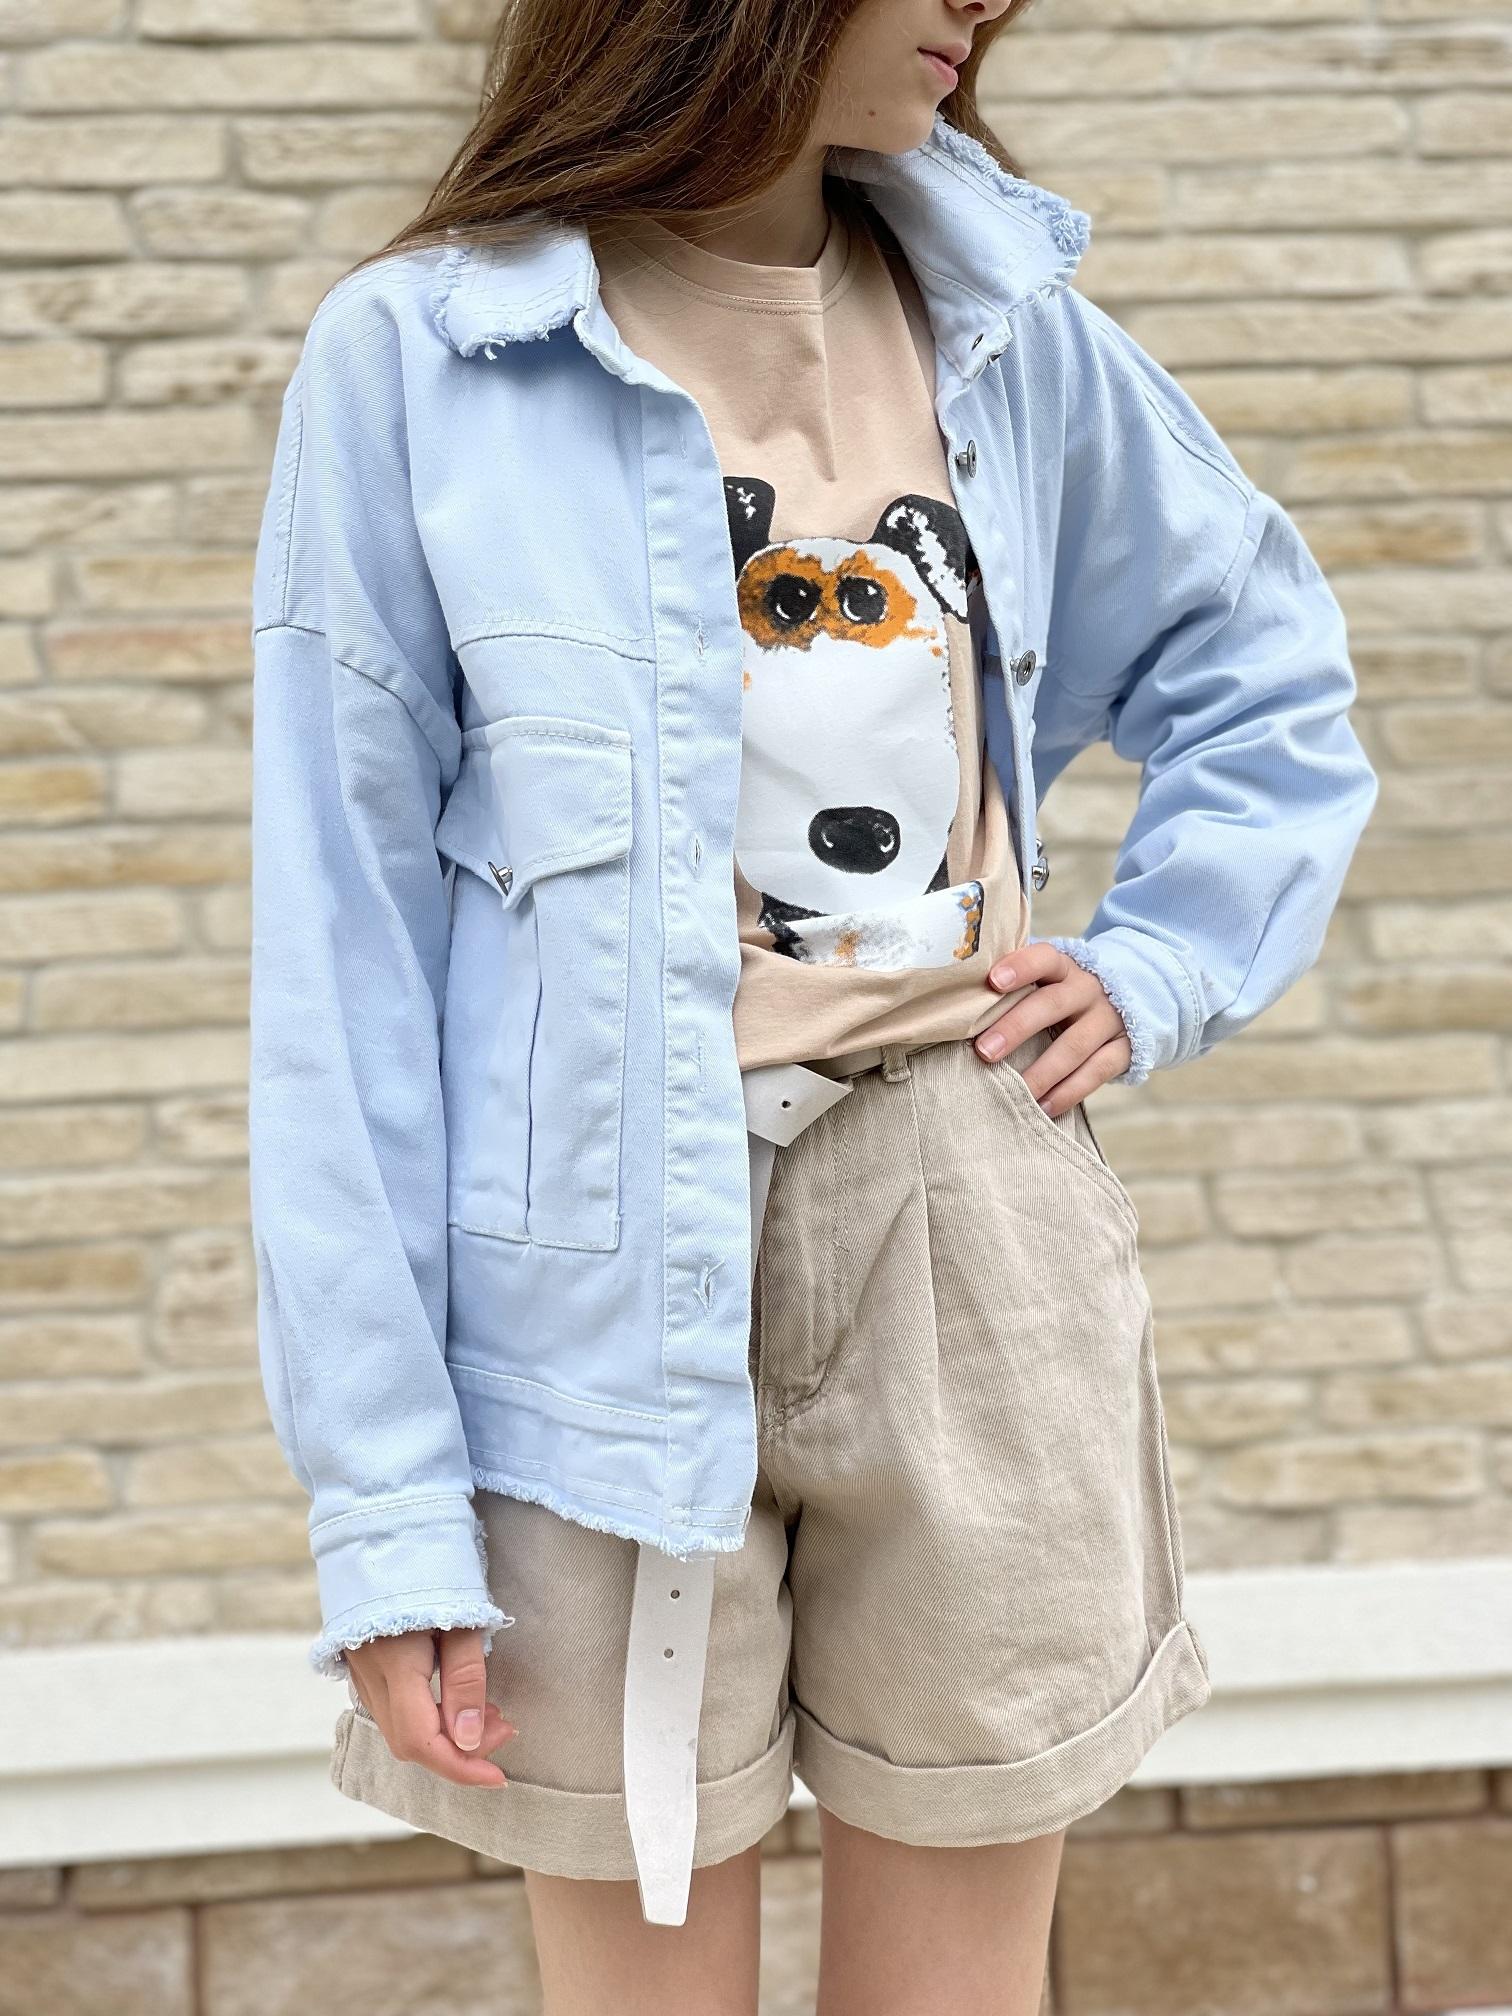 Джинсовая рубашка, UNO, 5167 (небесный)